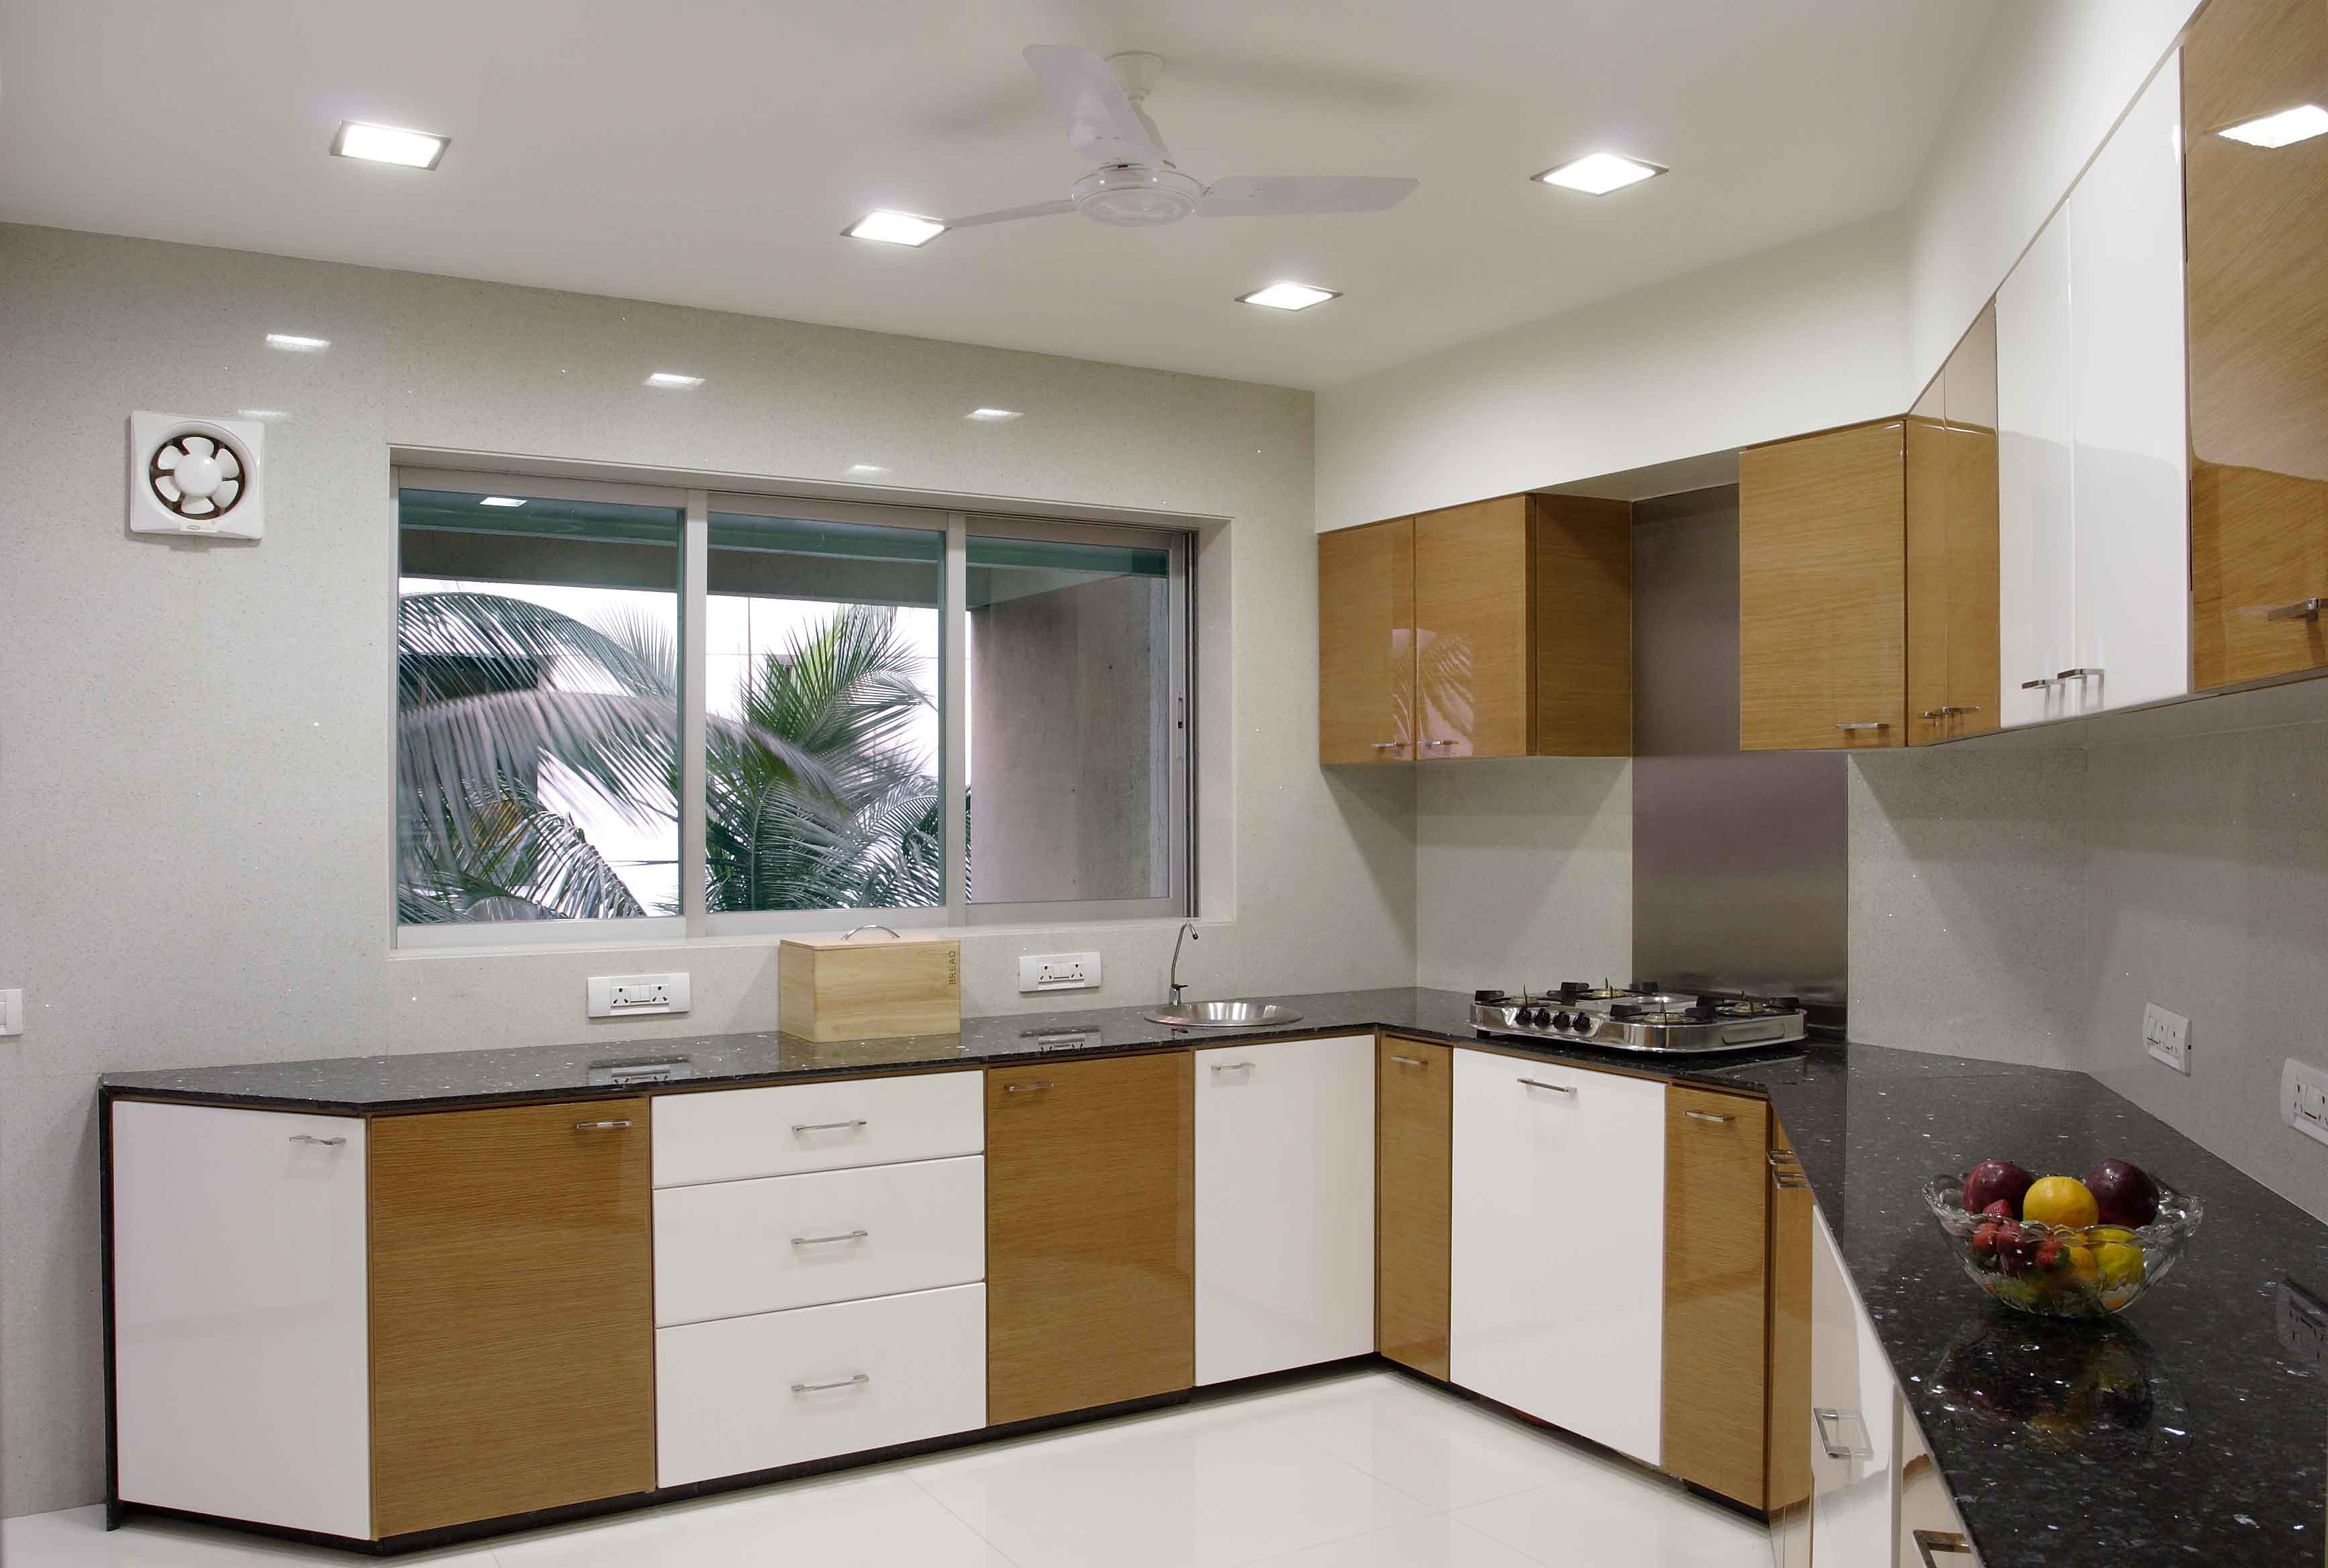 Best kitchen sets photo - 3